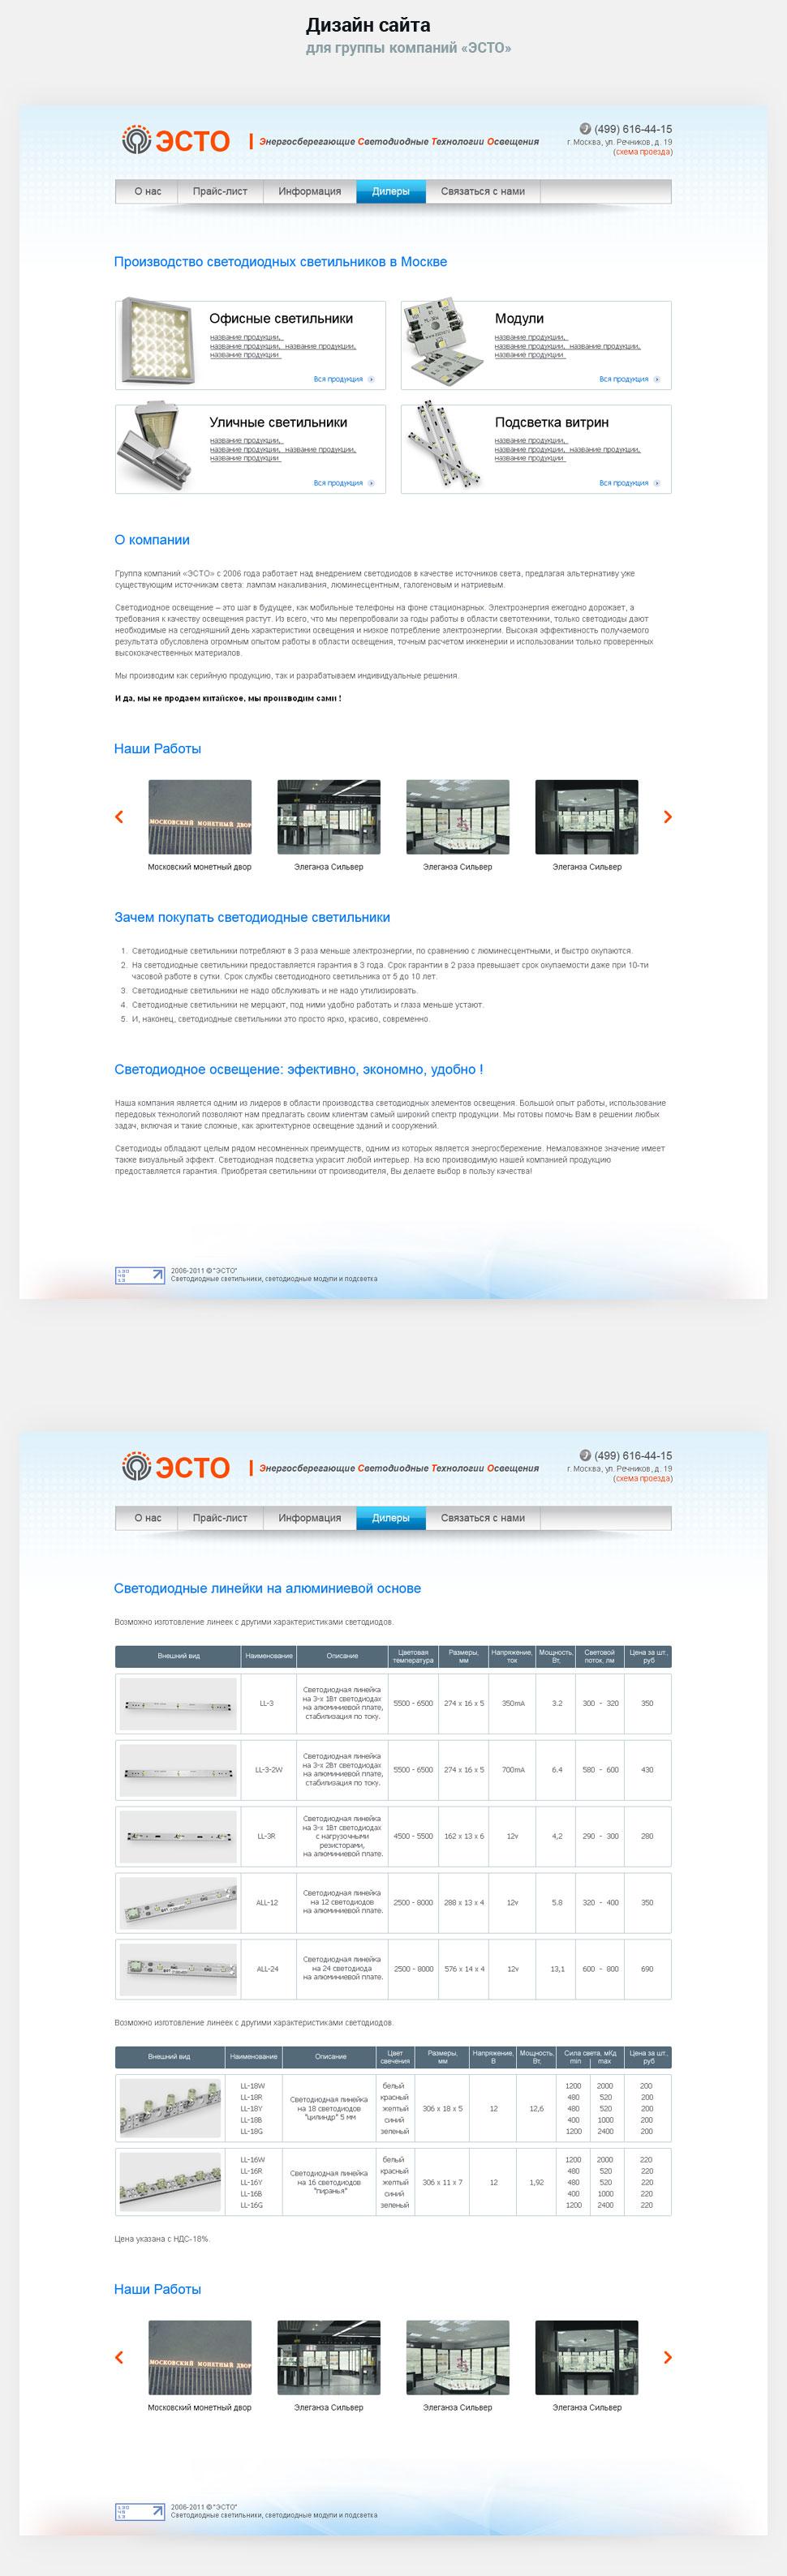 Доработка элементов дизайна сайта: Группа компаний «ЭСТО». Автор: di56.ru - дизайнер Дмитрий Ковалёв.